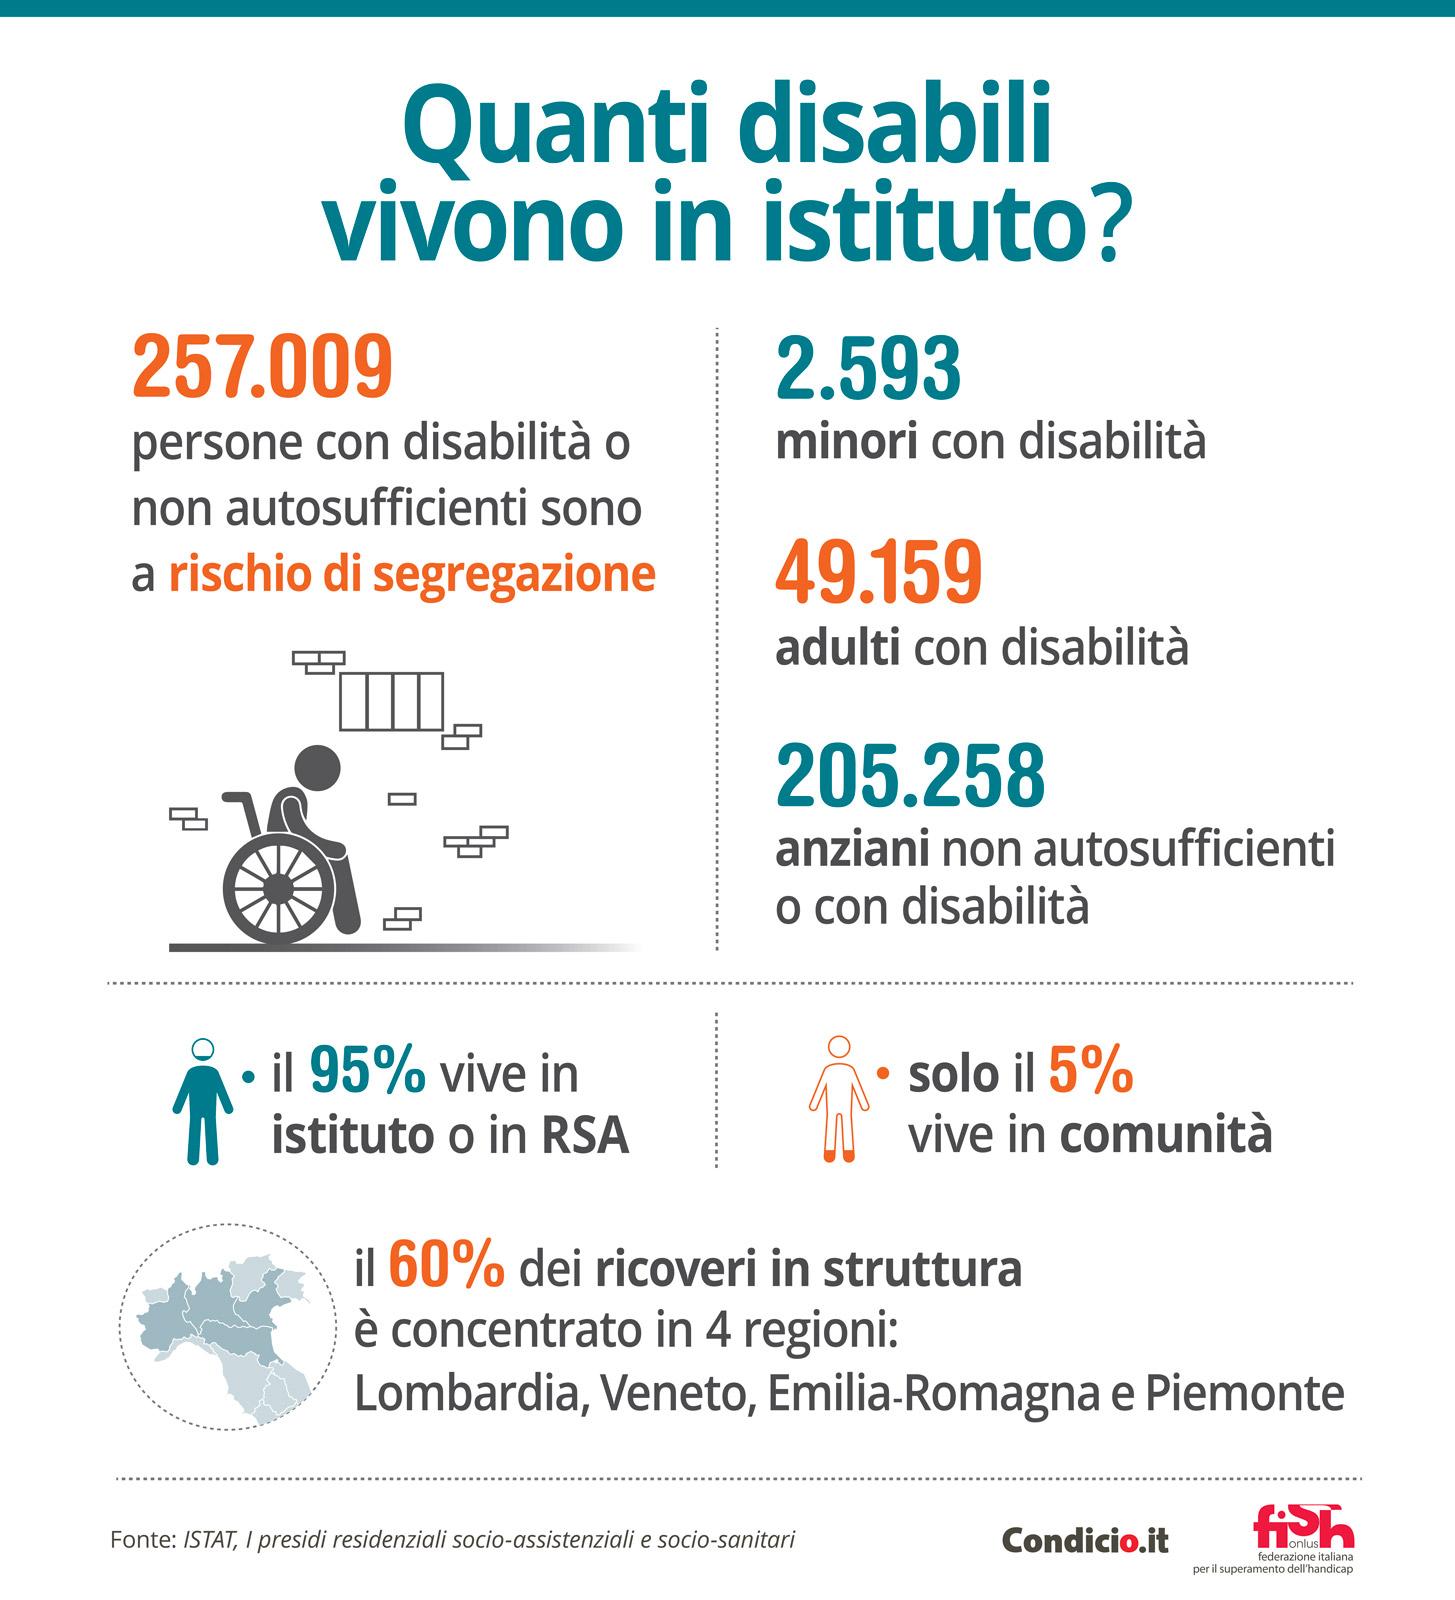 Quanti disabili vivono in istituto?